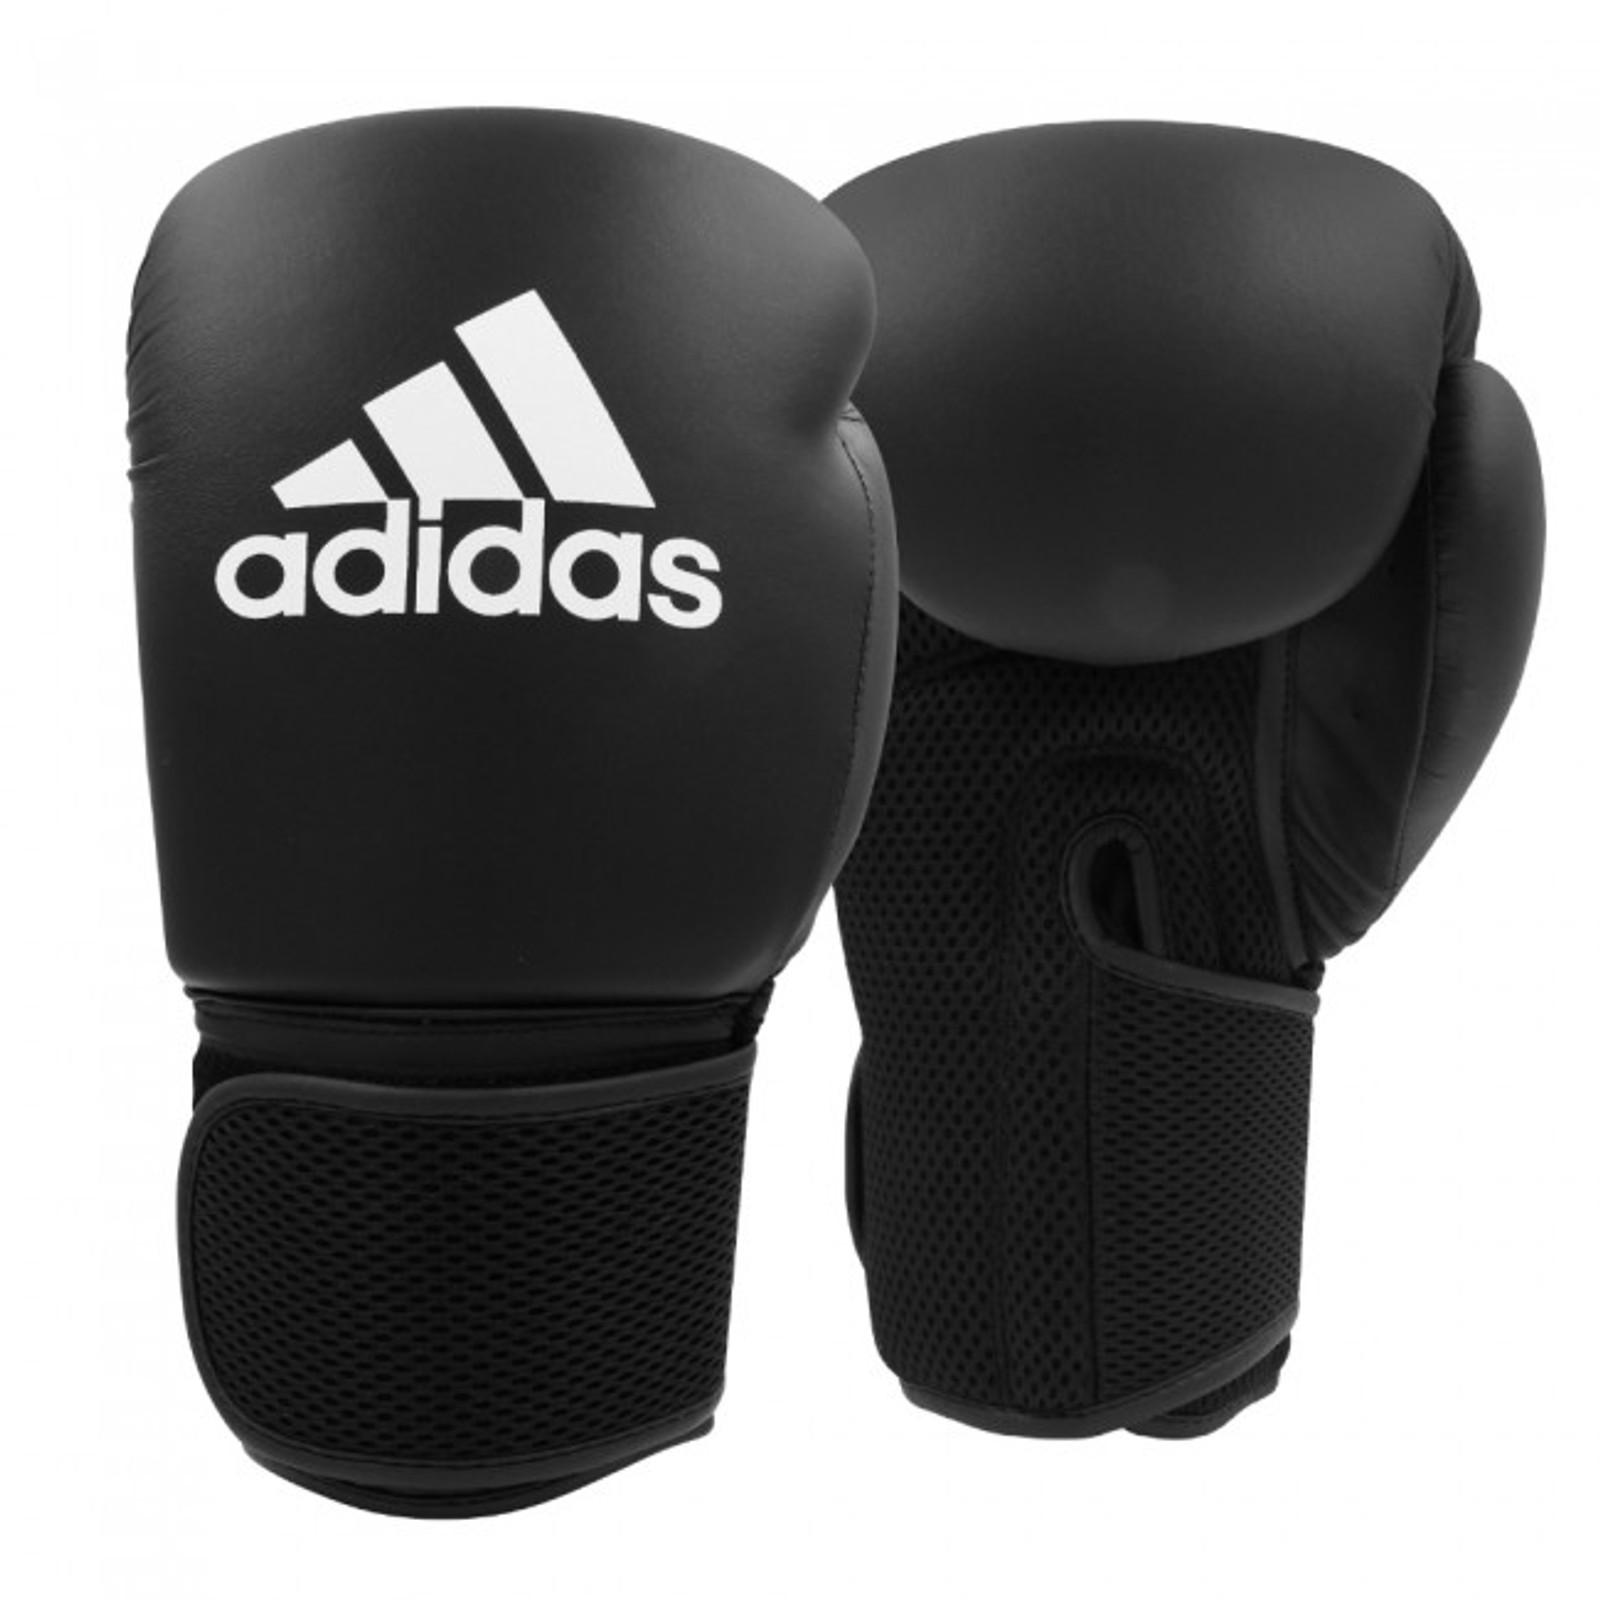 adidas Boxhandschuhe Hybrid 25